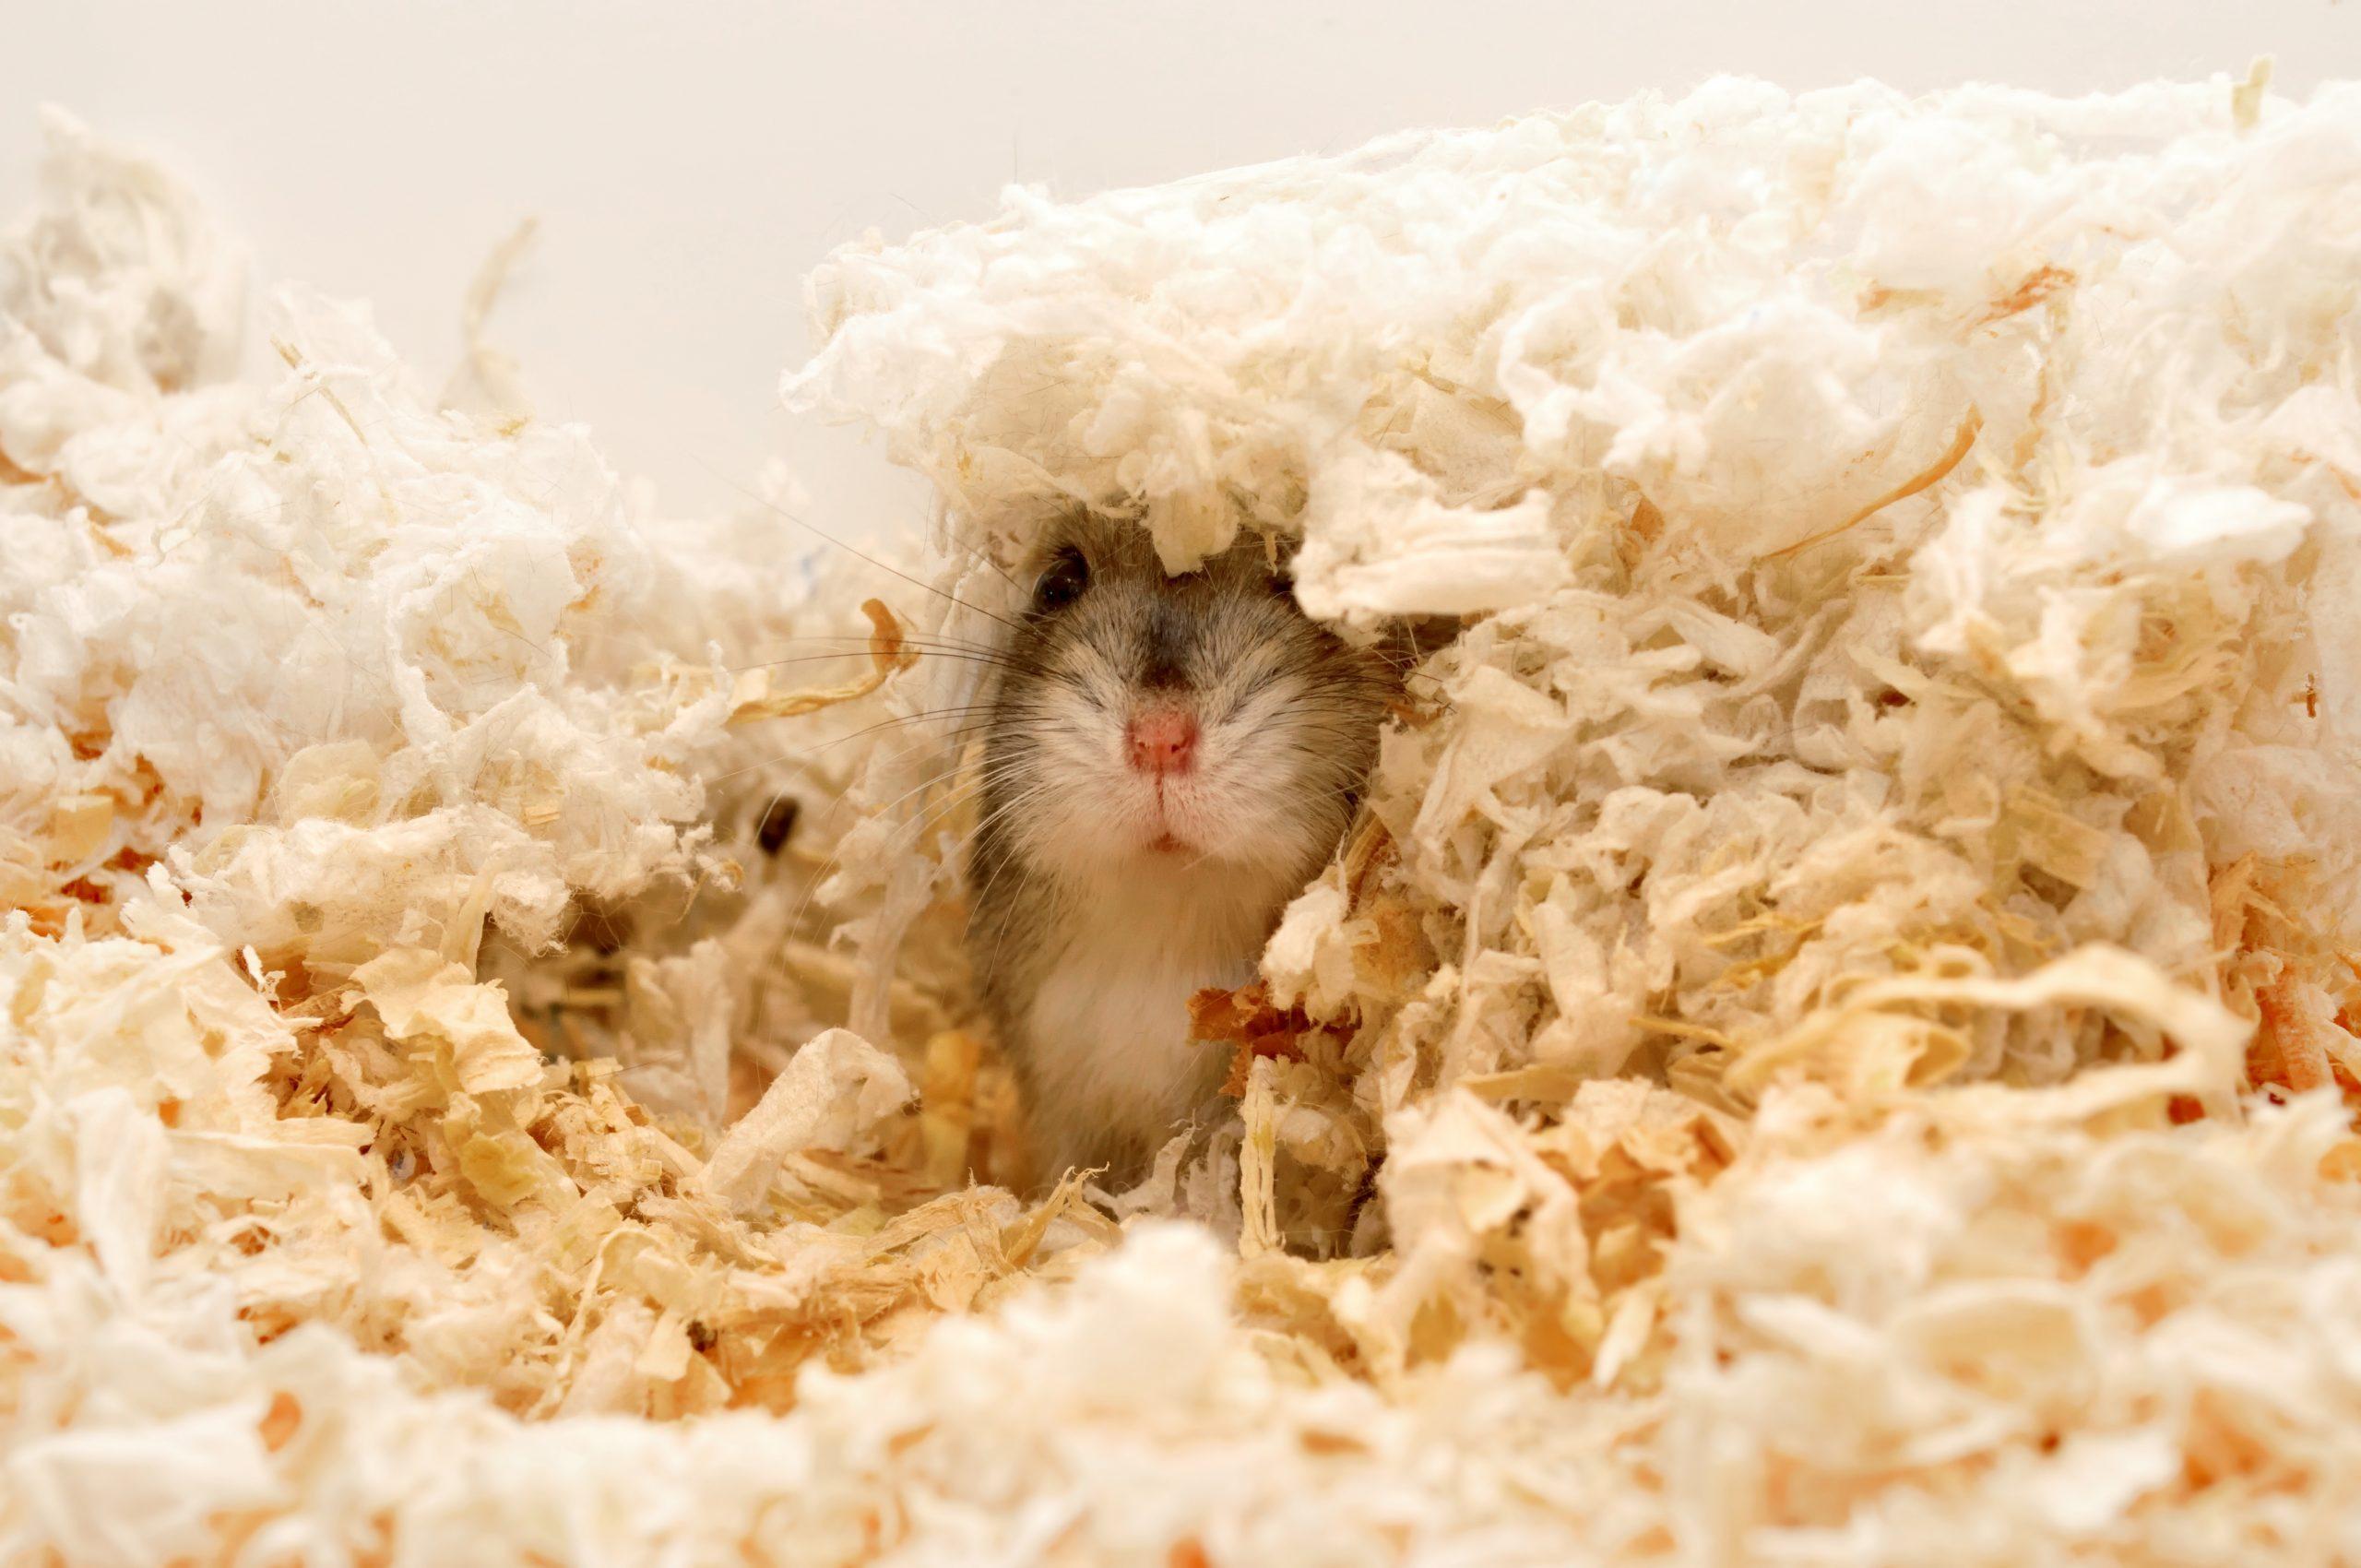 Find me! Dwarf hamster hiding